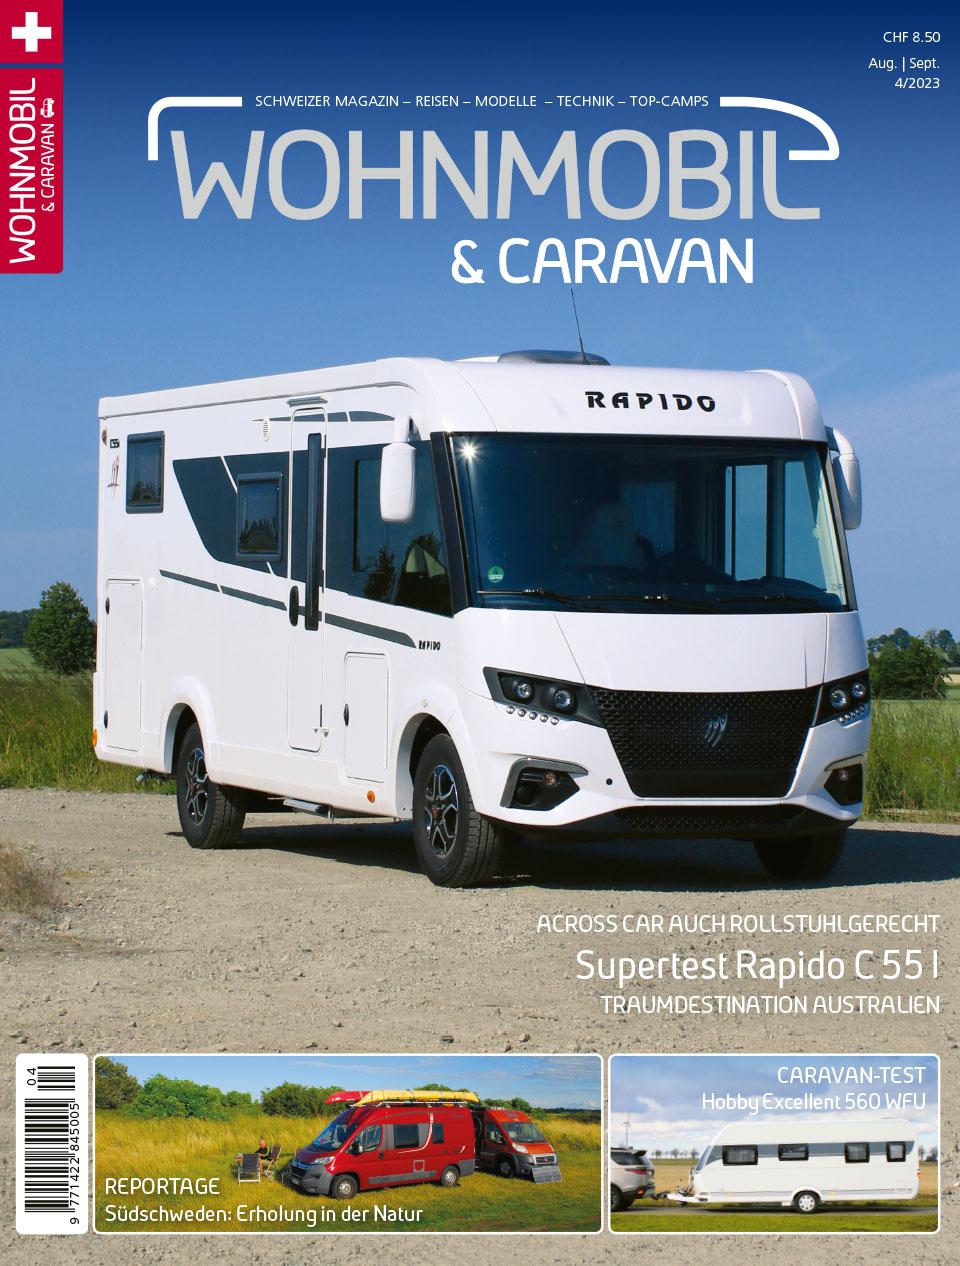 Wohnmobil und Caravan